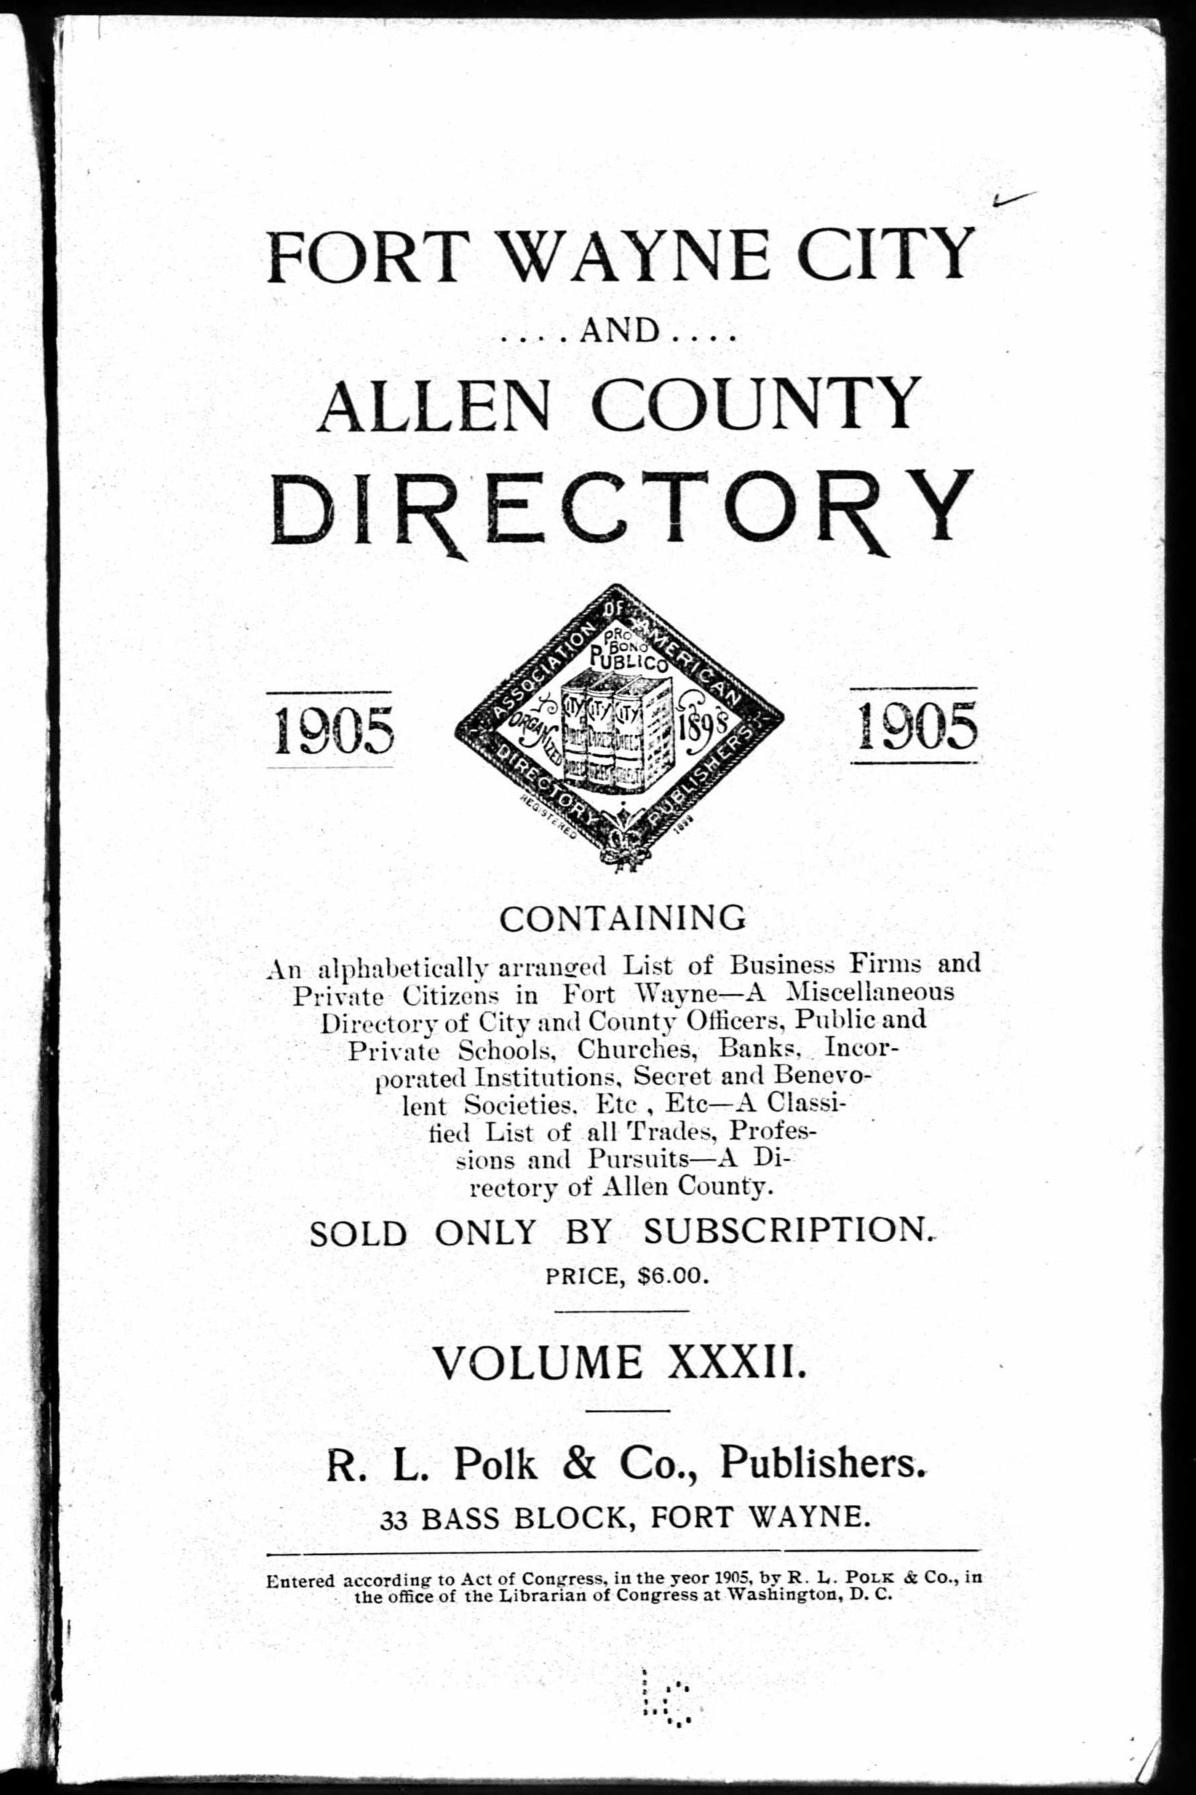 Mabel+Parks+Fort+Wayne+Directory.jpg